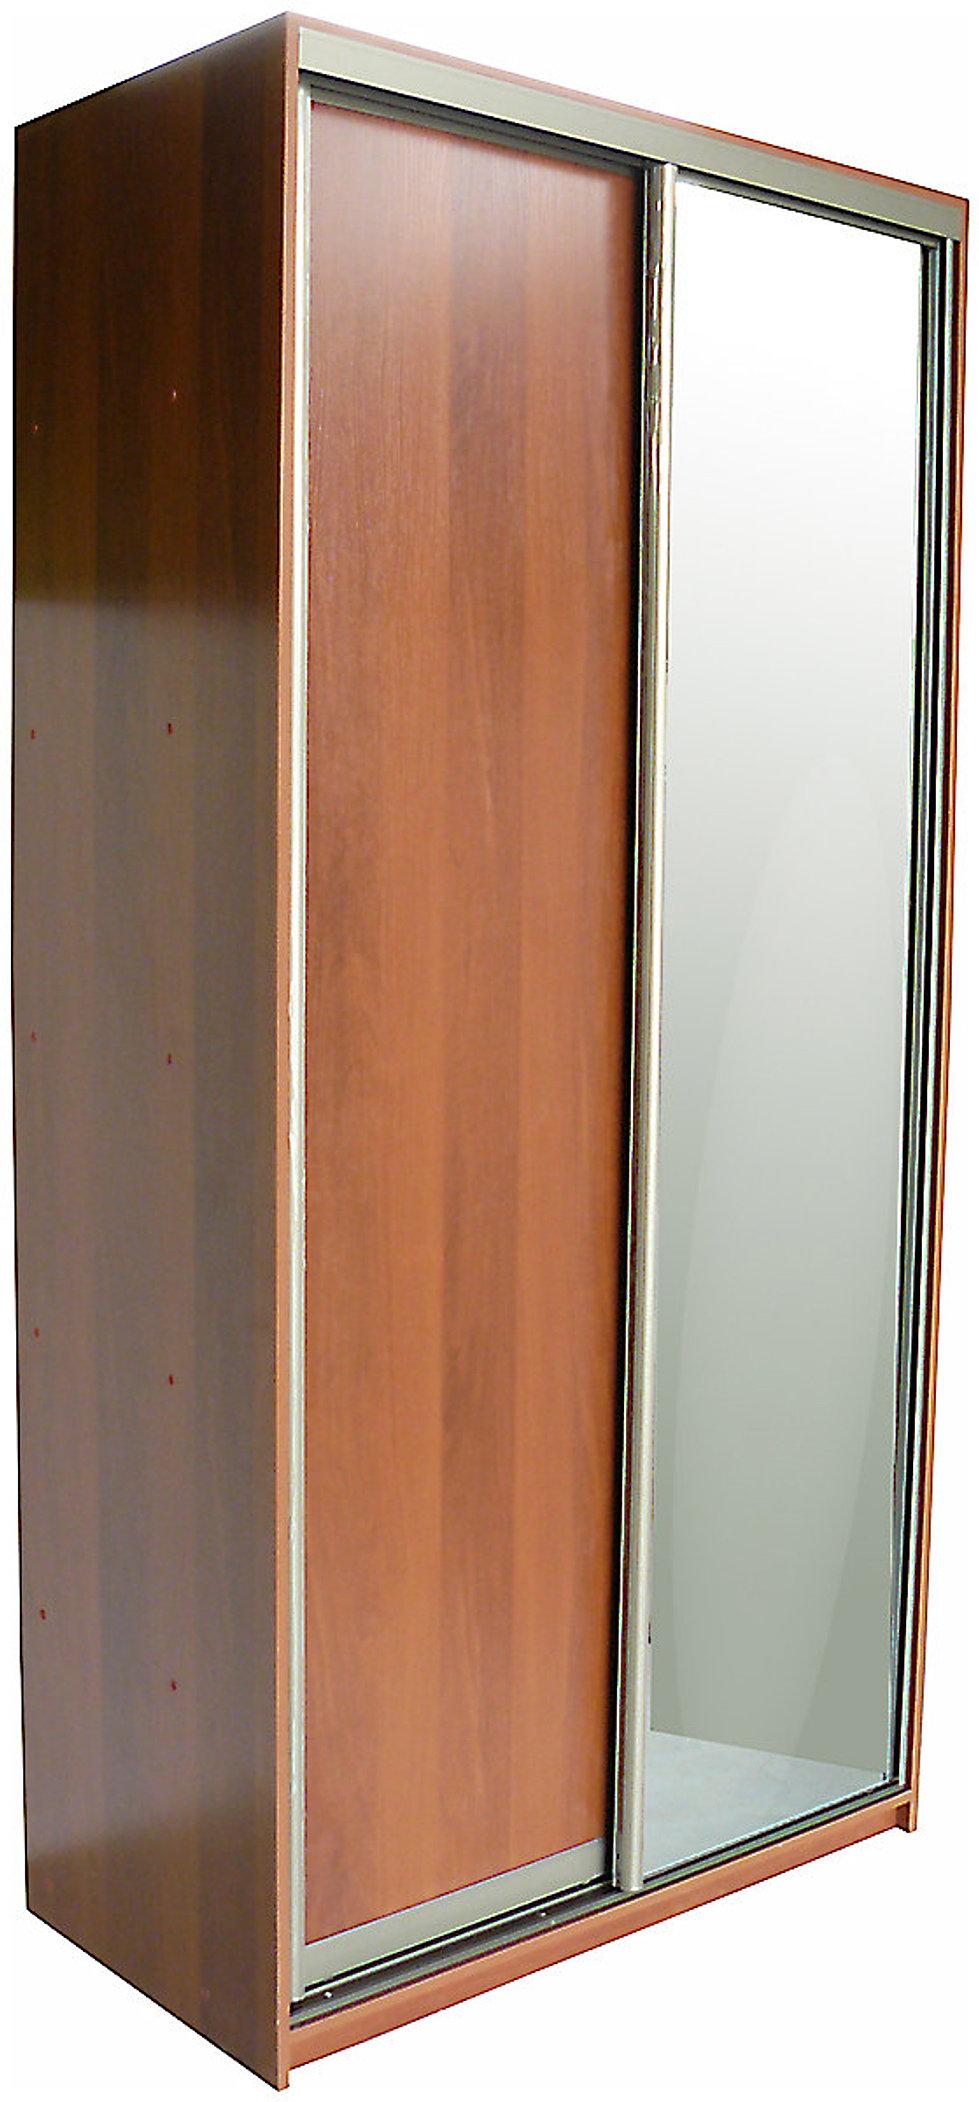 Двери-купе для встроенного шкафа шкаф-купе 2-х дверный преми.